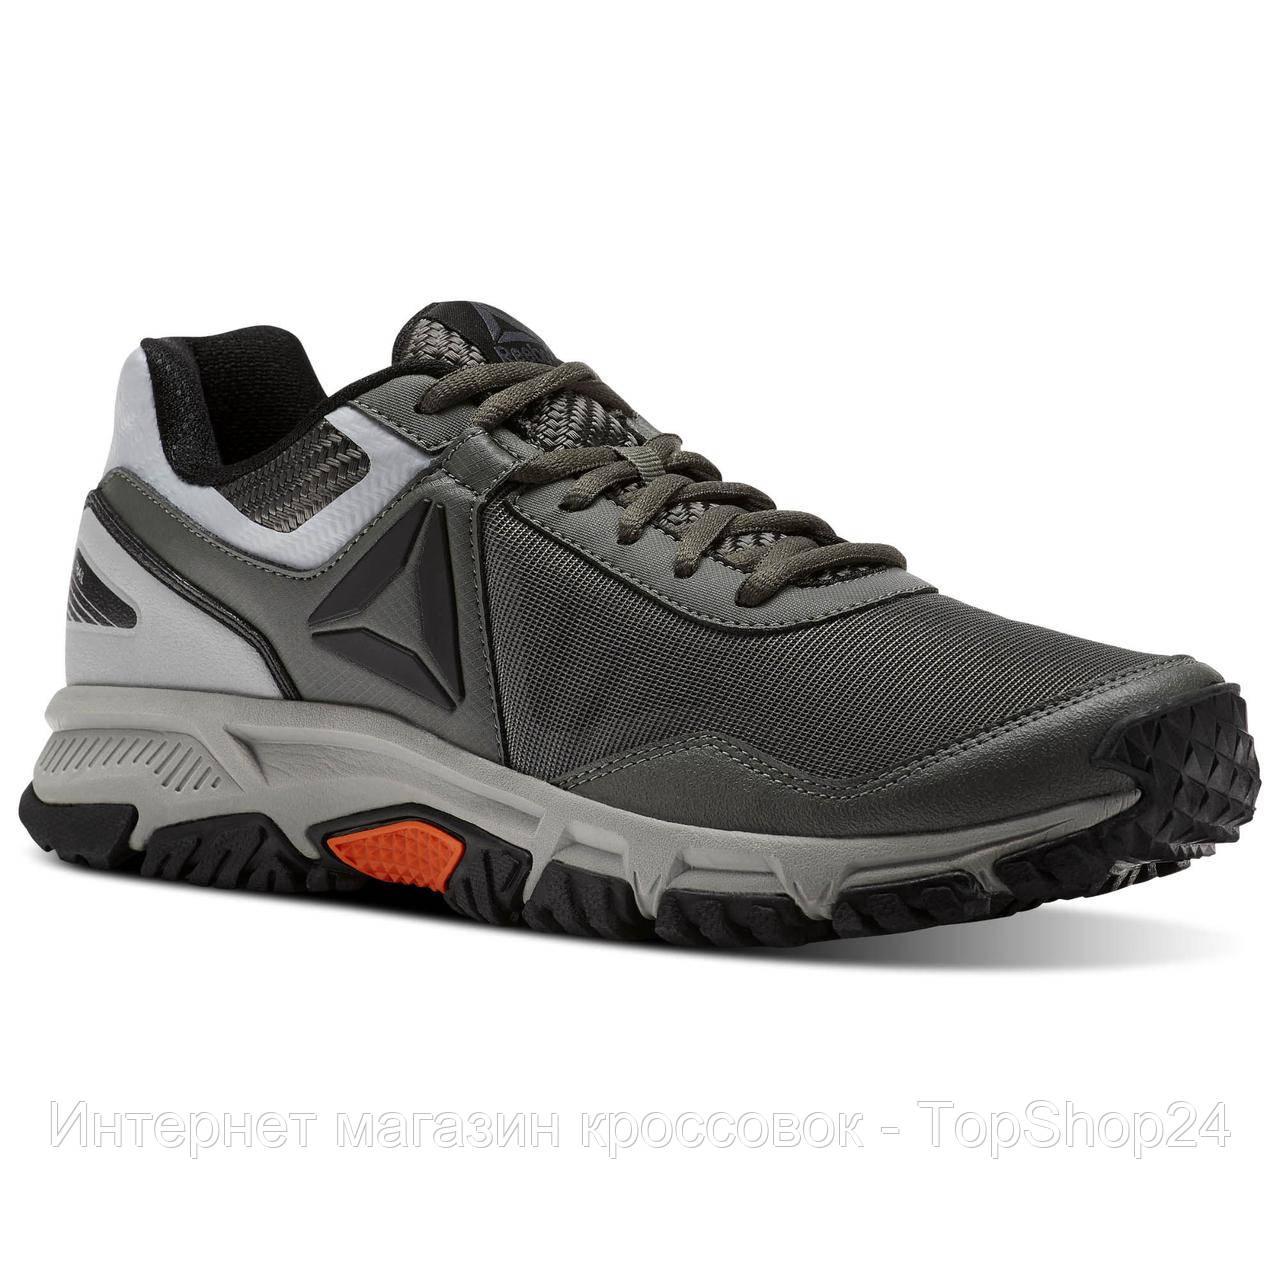 Кроссовки Reebok Ridgerider Trail 3.0 CM8987